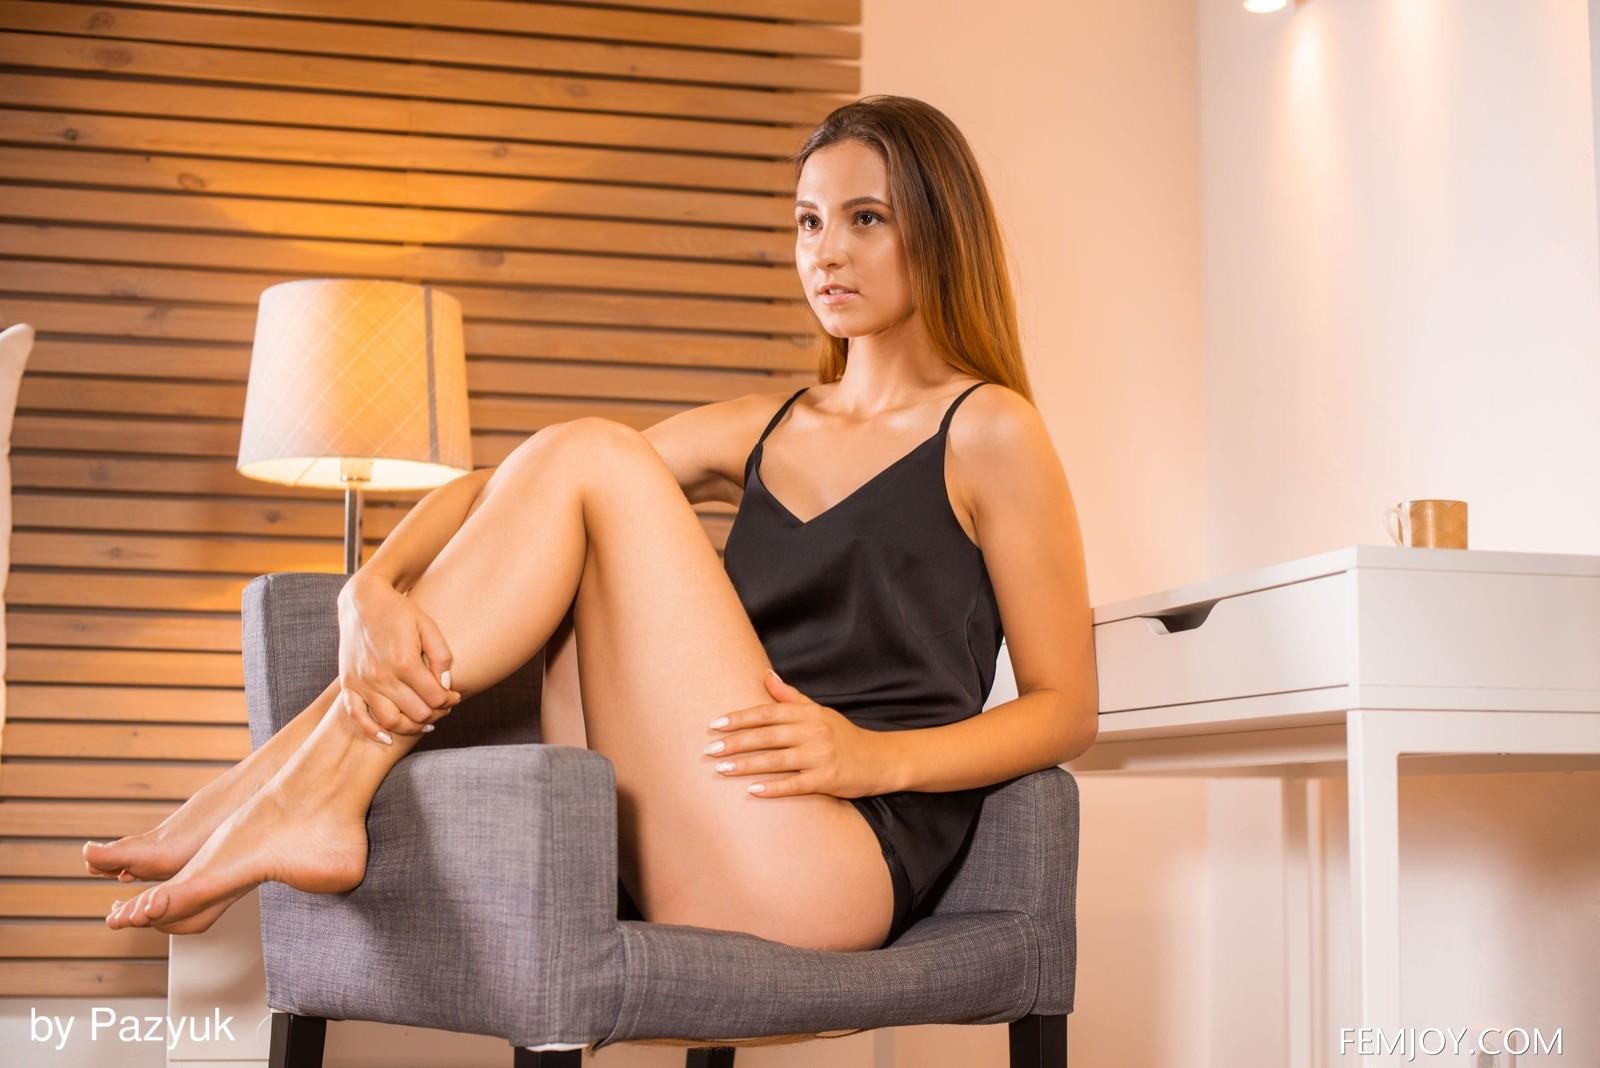 Грациозная красотка в пеньюаре и трусиках на кресле - фото